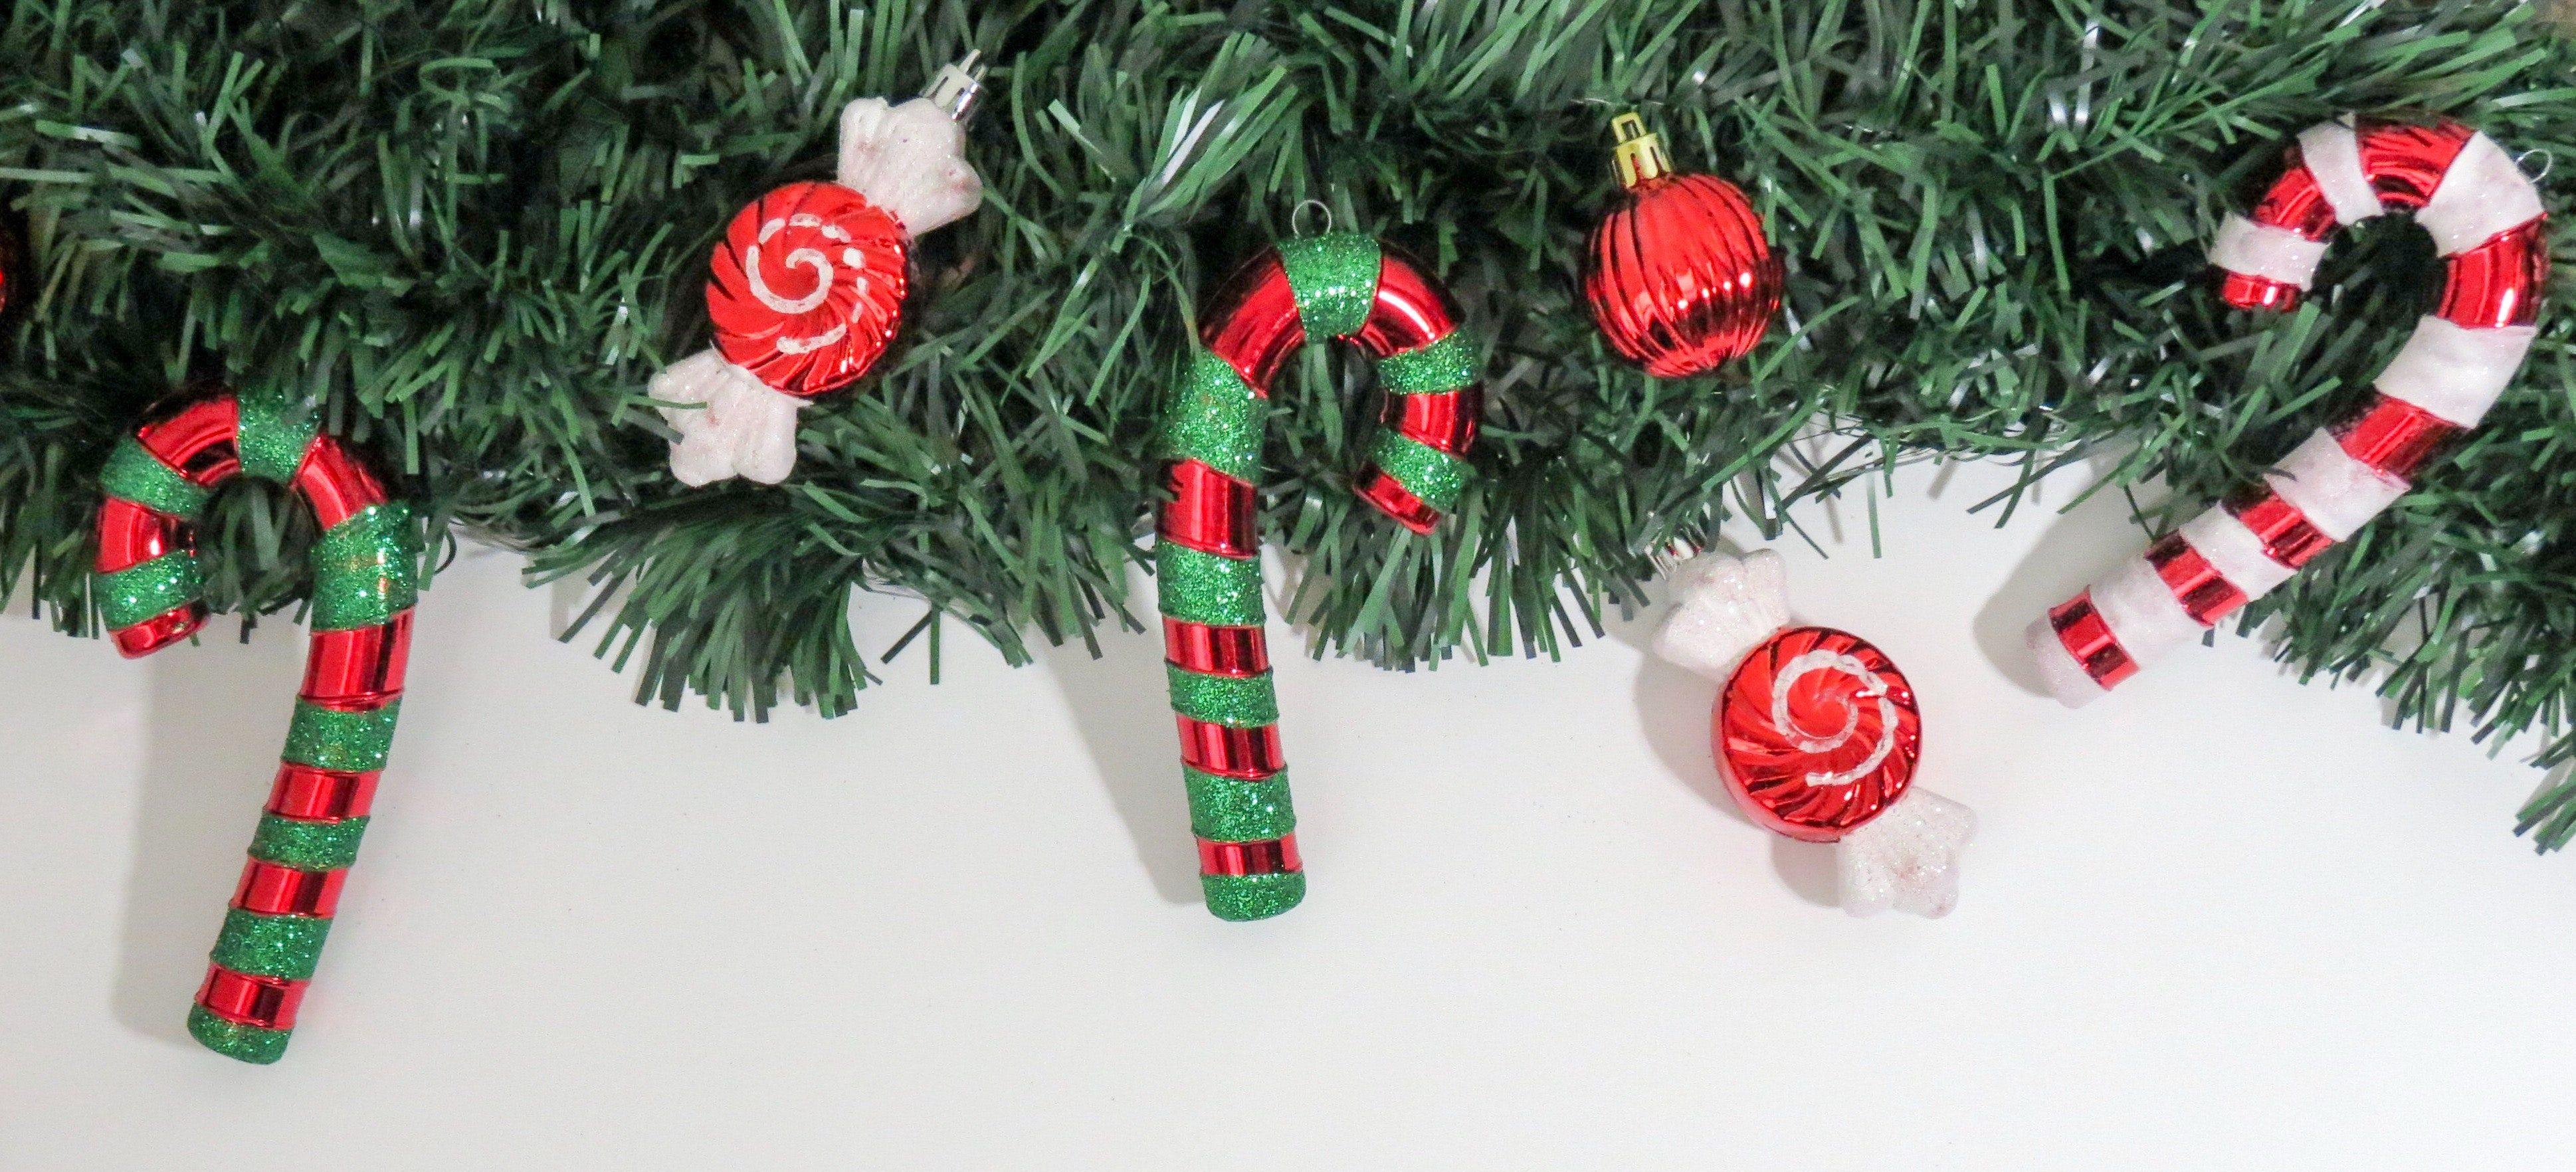 Weihnachtliche Deko Ideen für Sie und Ihr Haus